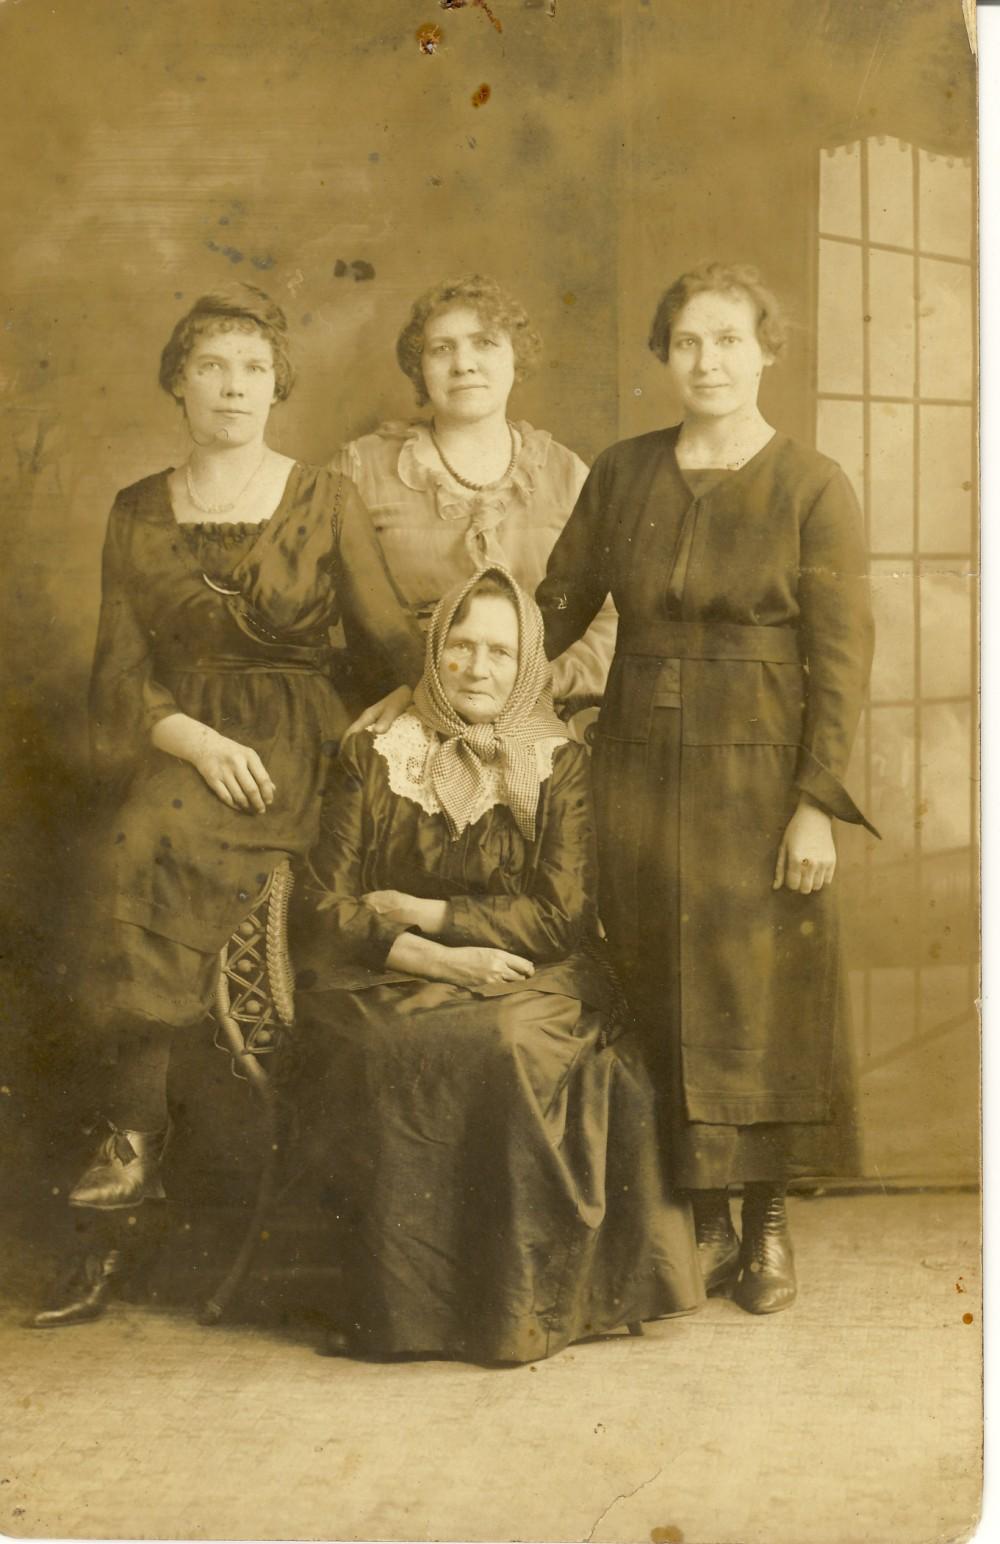 Su draugėmis Amerikoje. Apie 1918 m. Kairėje – Pranė Kemežienė